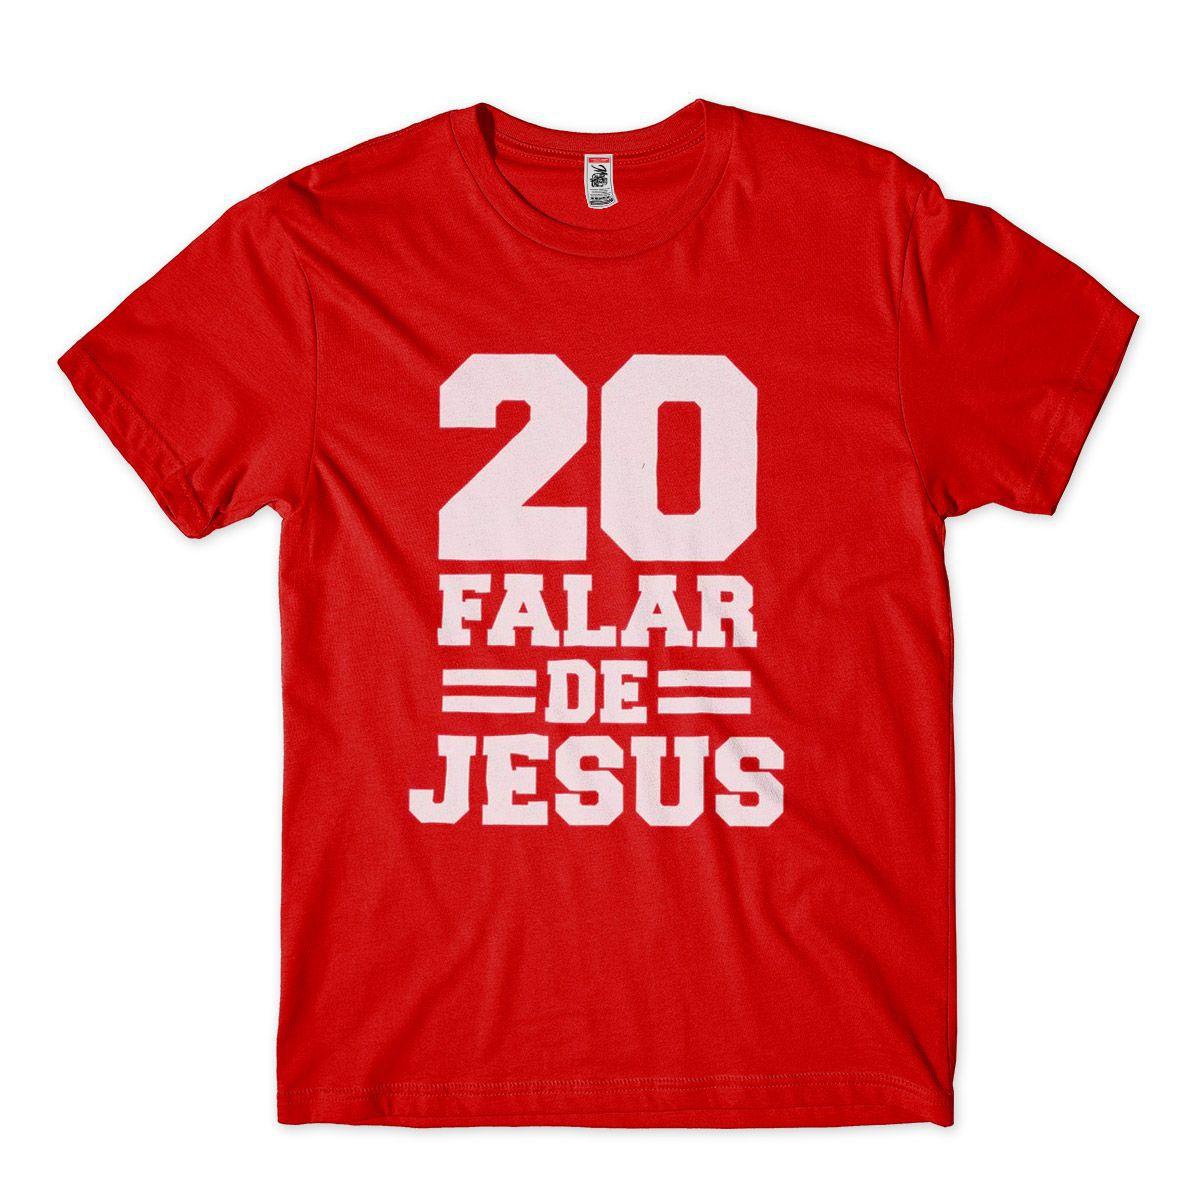 Camiseta Evangelica Masculina Camisa Gospel Jesus Numero 20